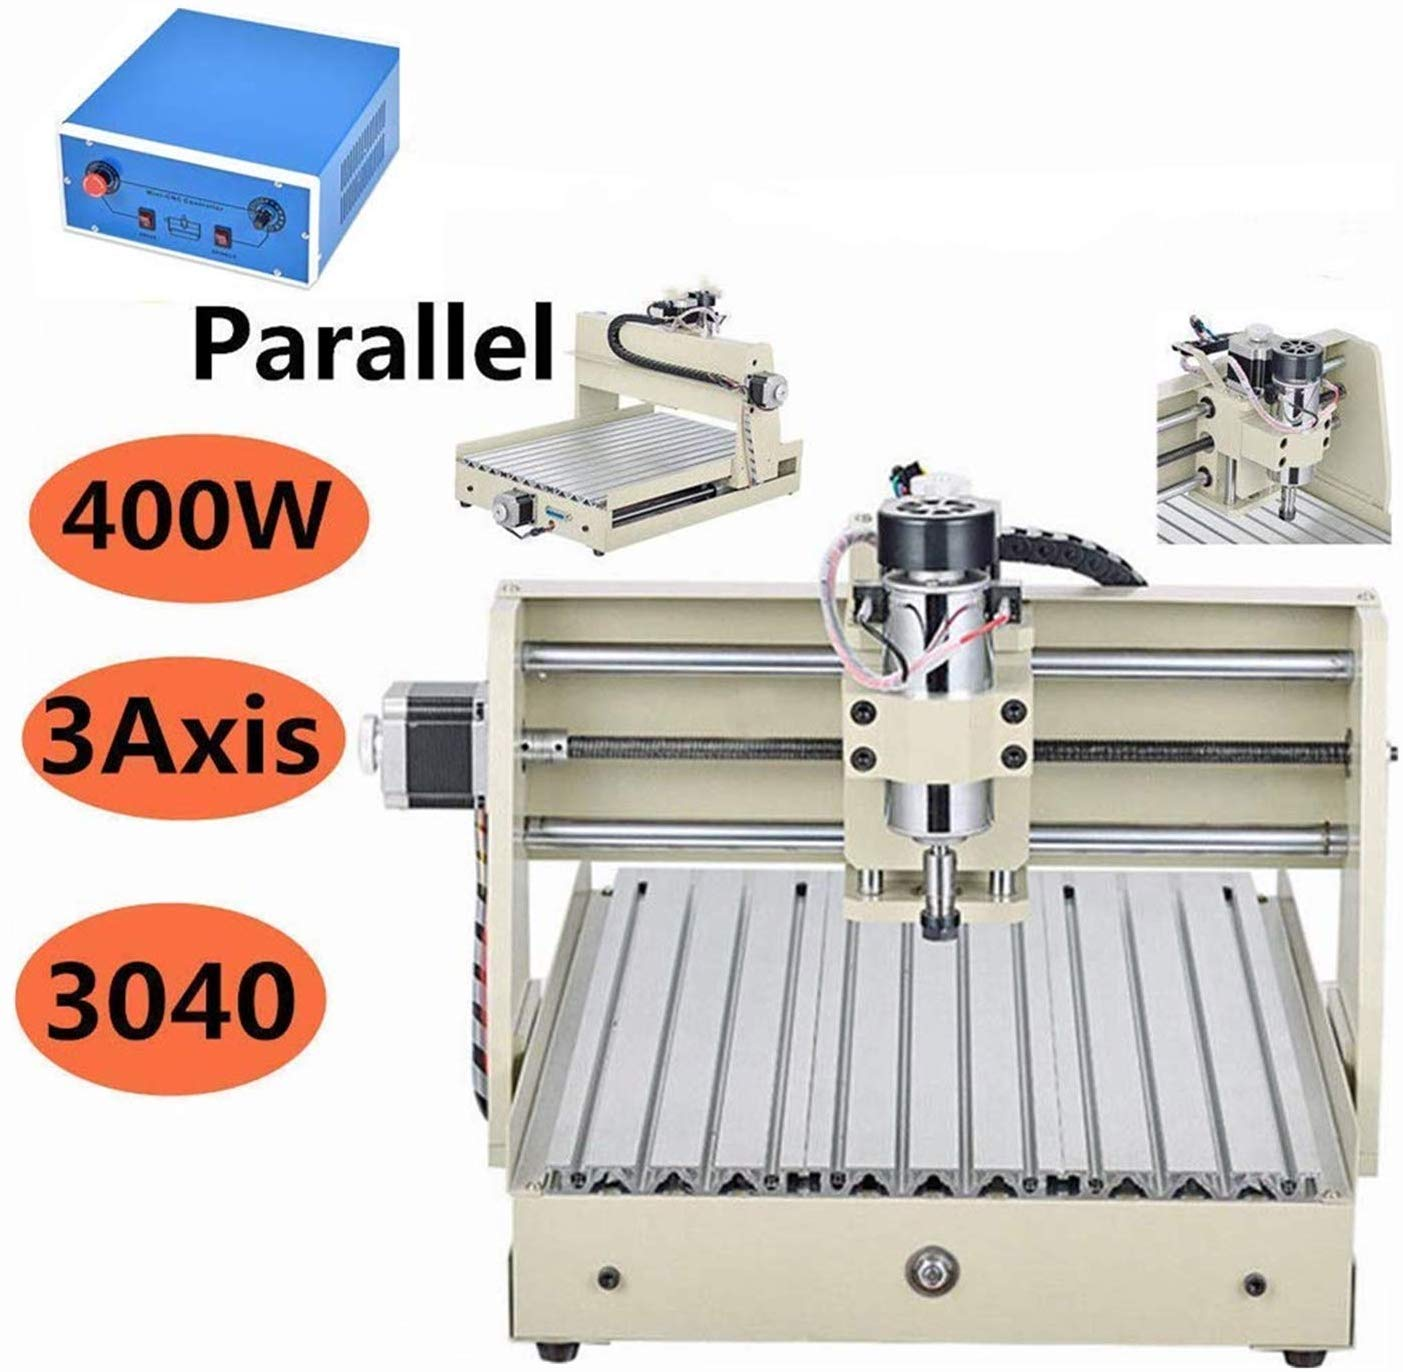 NOPTEG 3 Axis CNC 3040 Router Engraver